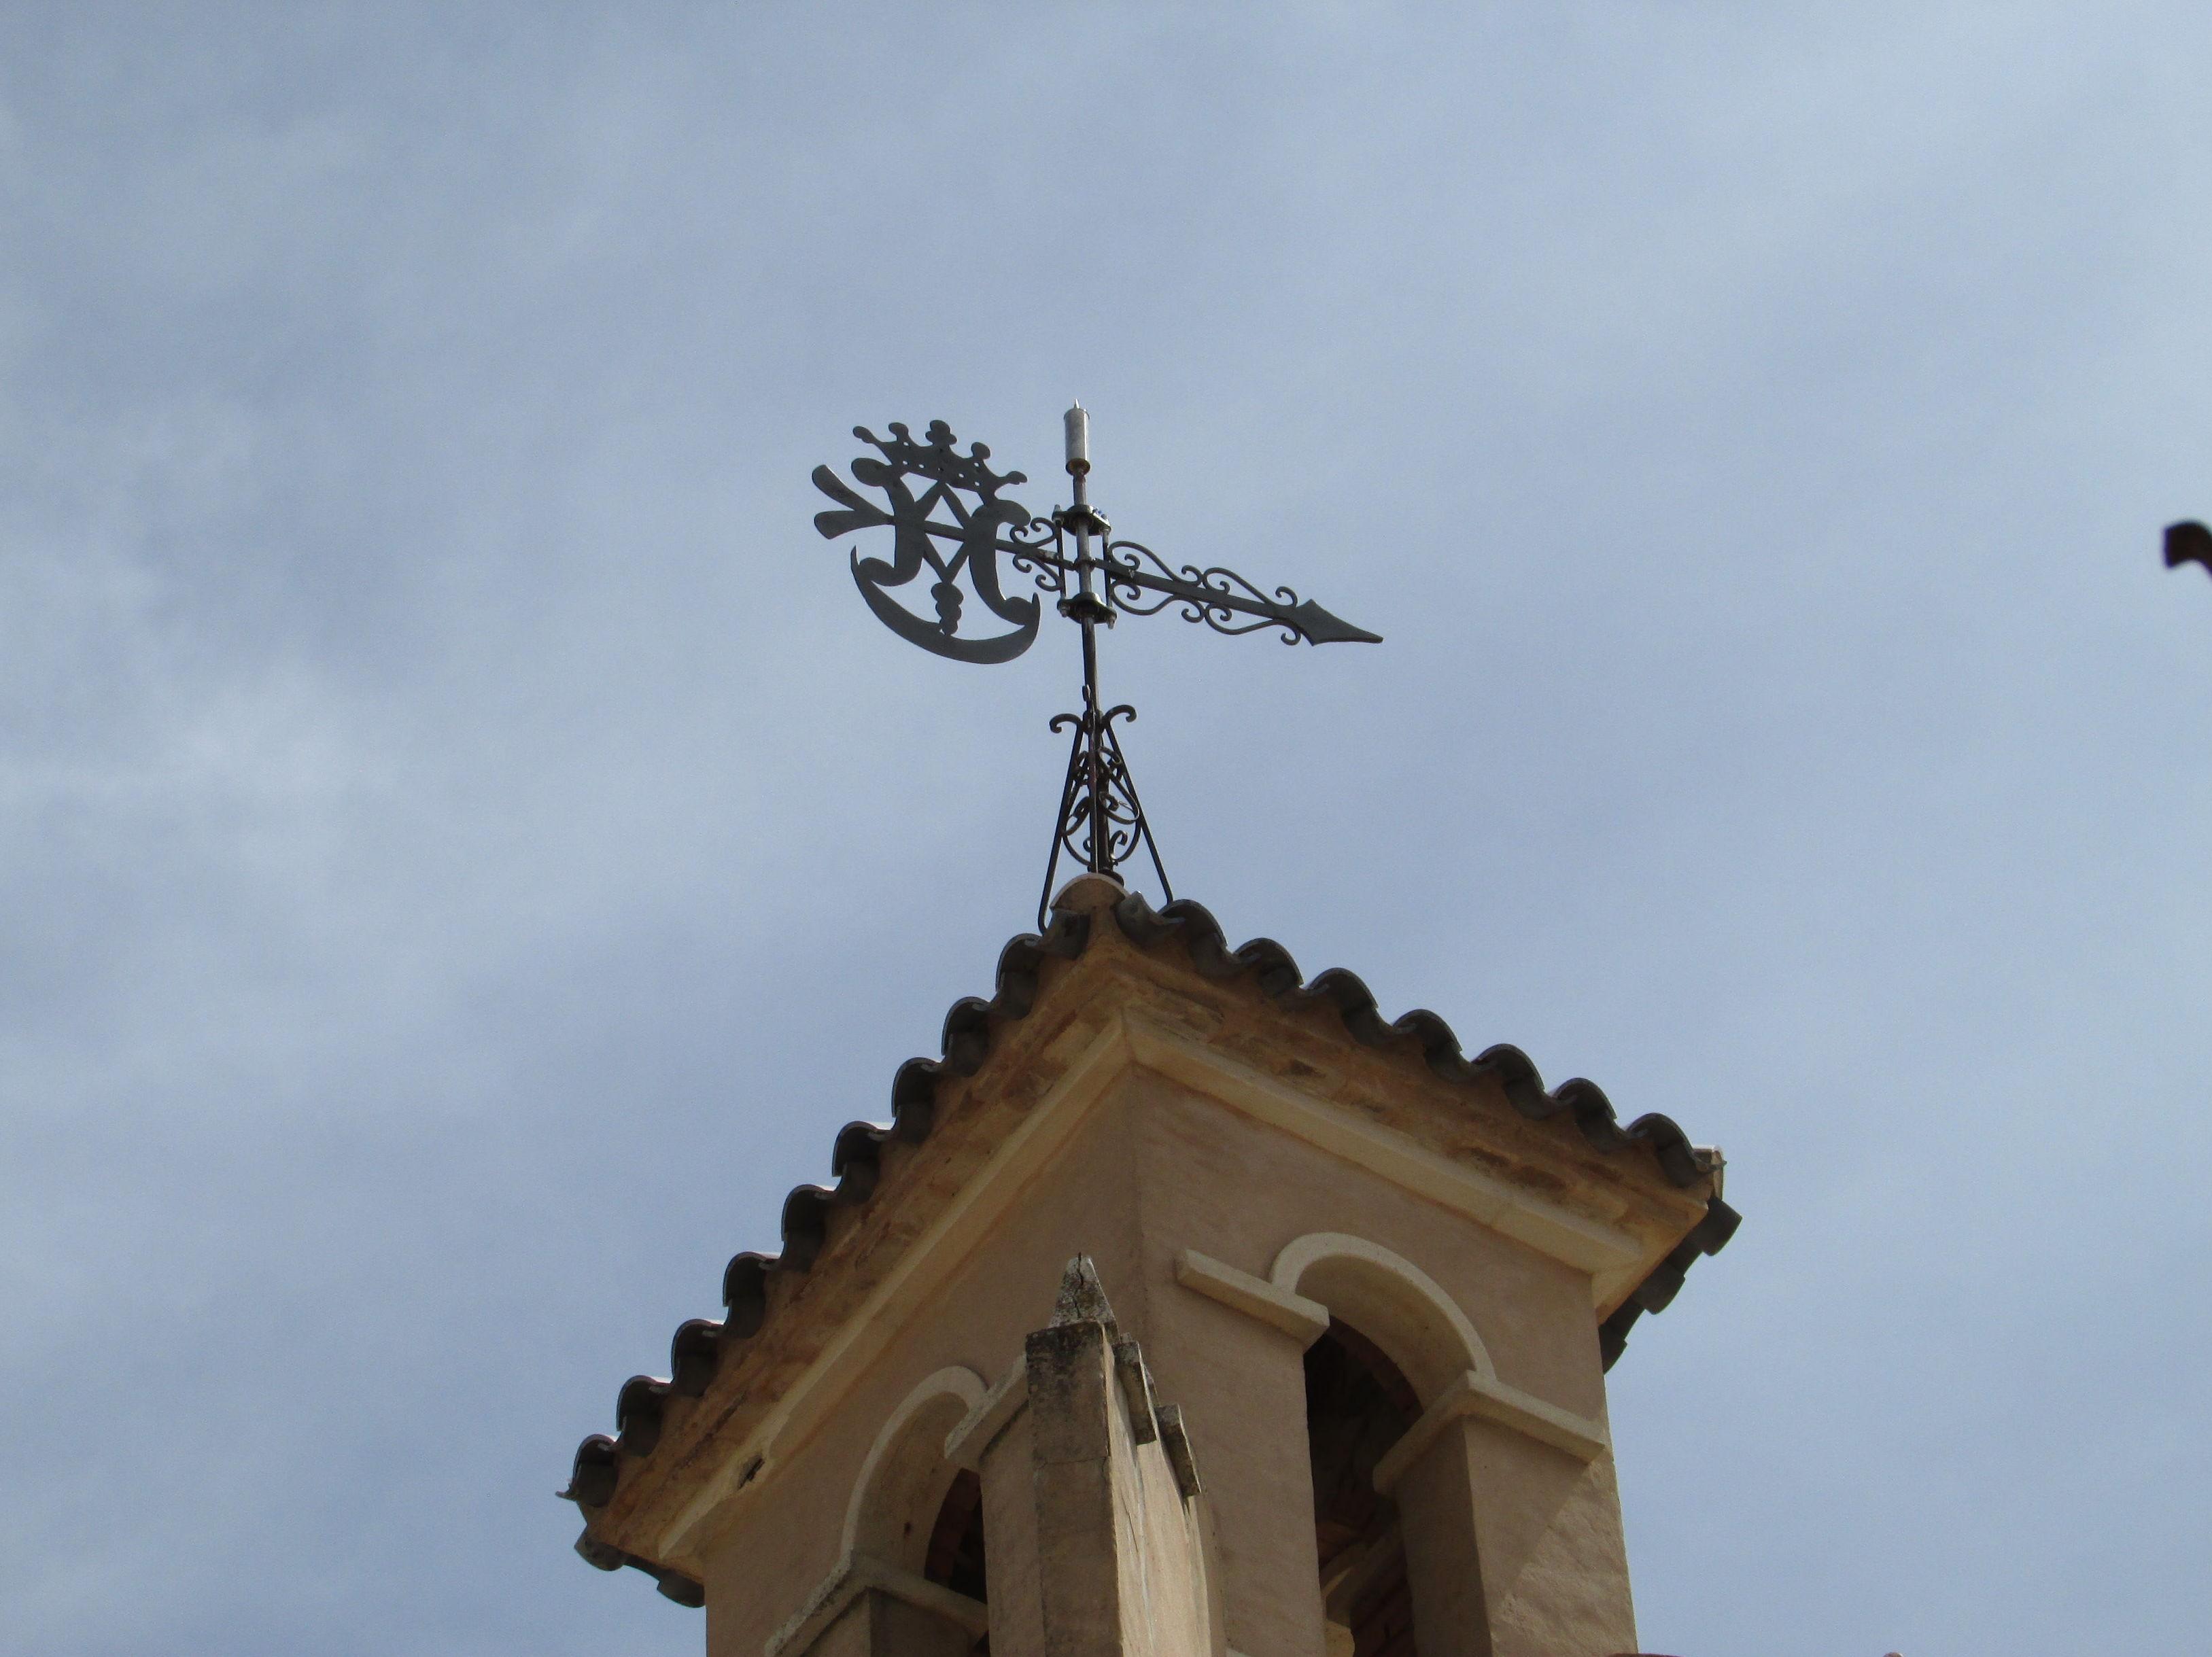 instalación de pararrayos en iglesia